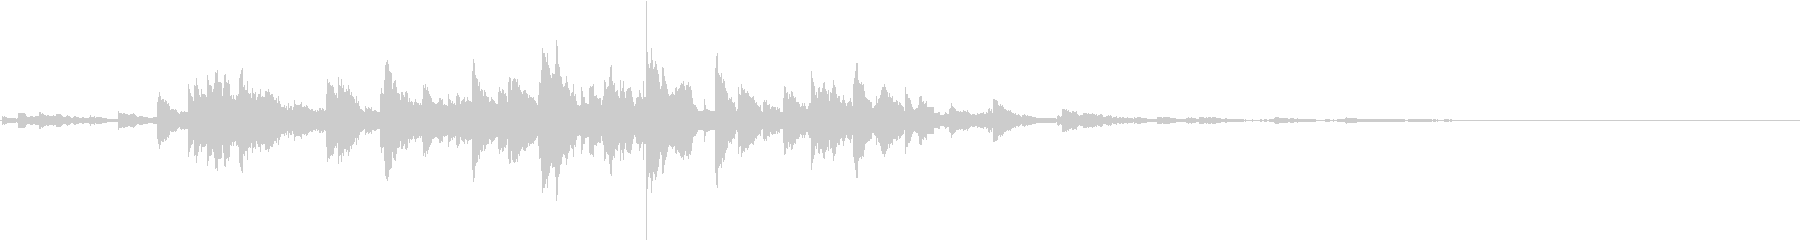 音侍SE「キラキラリーン」小ぶりベル_1の未再生の波形